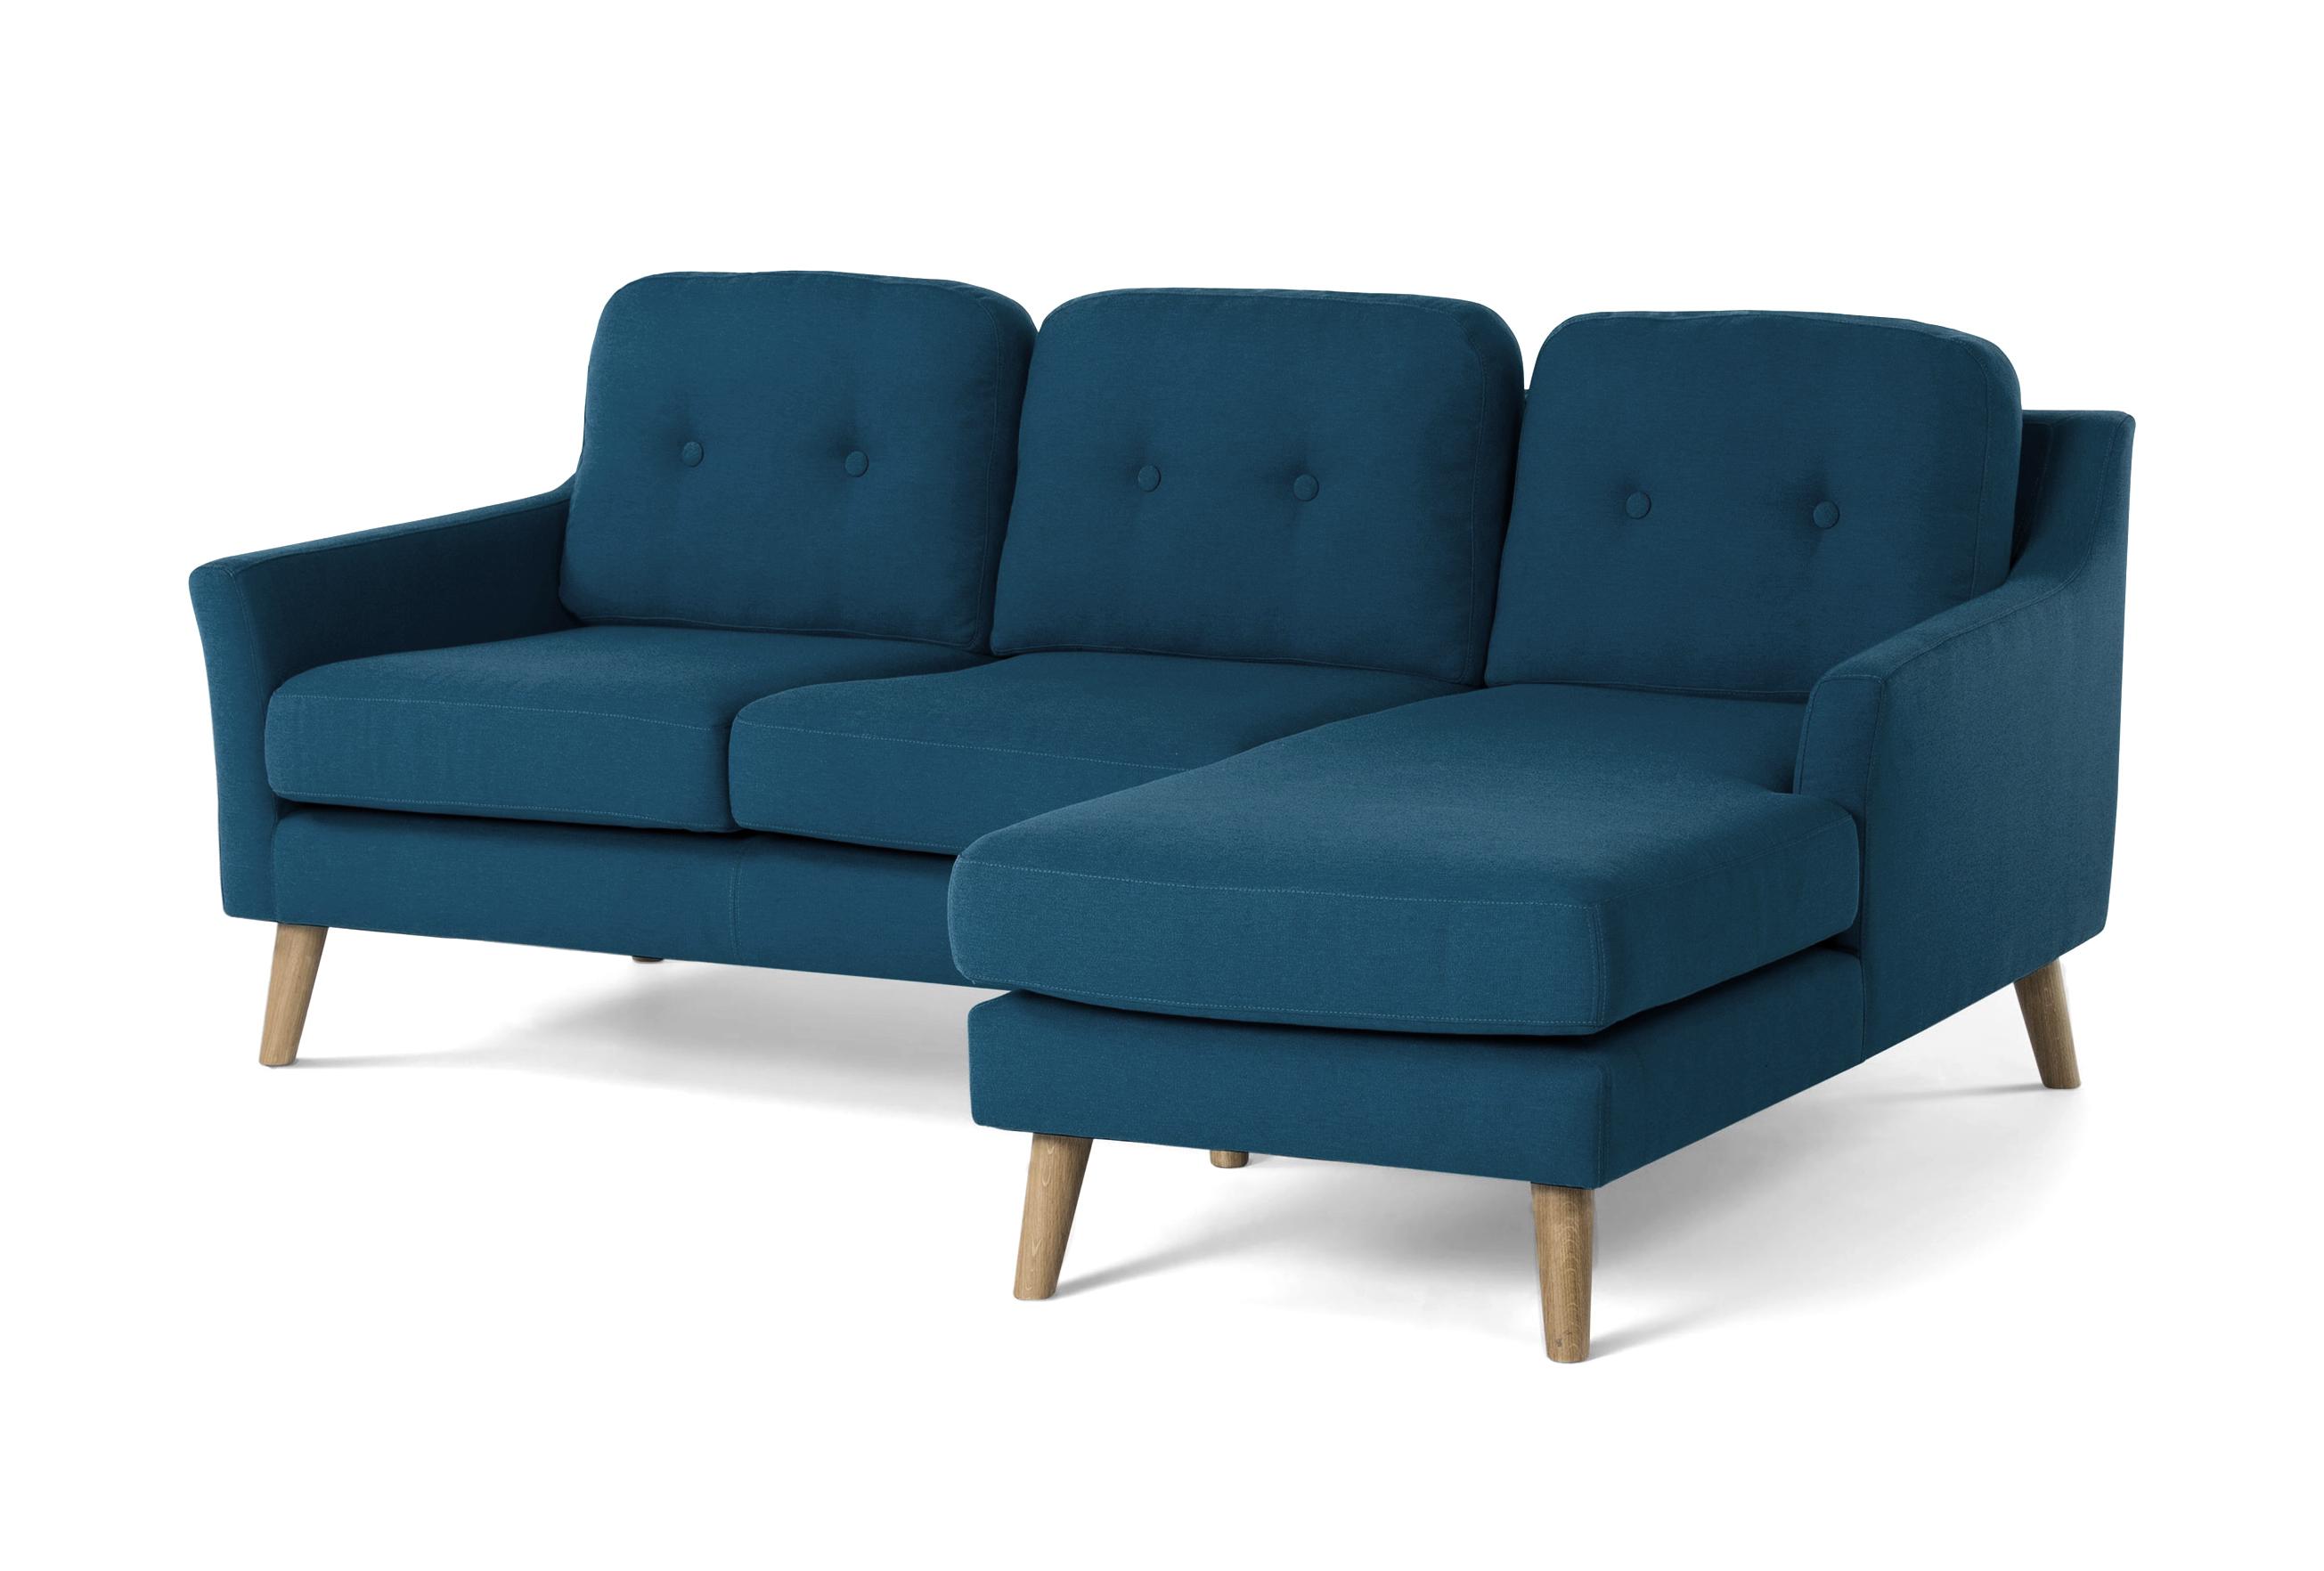 Угловой диван OllyУгловые диваны<br>&amp;lt;div&amp;gt;Сочетание современного подхода в дизайне с ретро стилем - это всегда немного рискованно и результат бывает непредсказуемым. Но в случае с диваном &amp;quot;Olly&amp;quot; все сложилось наилучшим образом! Главным его достоинством мы считаем сочетание высоких изогнутых ножек и сидения-подушки. Из-за этого сочетания диван выглядит и ощущается очень компактным и удобным, не смотря на свои габариты.&amp;lt;br&amp;gt;&amp;lt;/div&amp;gt;&amp;lt;div&amp;gt;&amp;lt;br&amp;gt;&amp;lt;/div&amp;gt;Материал: бук, текстиль.&amp;amp;nbsp;&amp;lt;div&amp;gt;Корпус: массив, фанера.&amp;lt;br&amp;gt;&amp;lt;/div&amp;gt;<br><br>Material: Текстиль<br>Ширина см: 204.0<br>Высота см: 83.0<br>Глубина см: 132.0